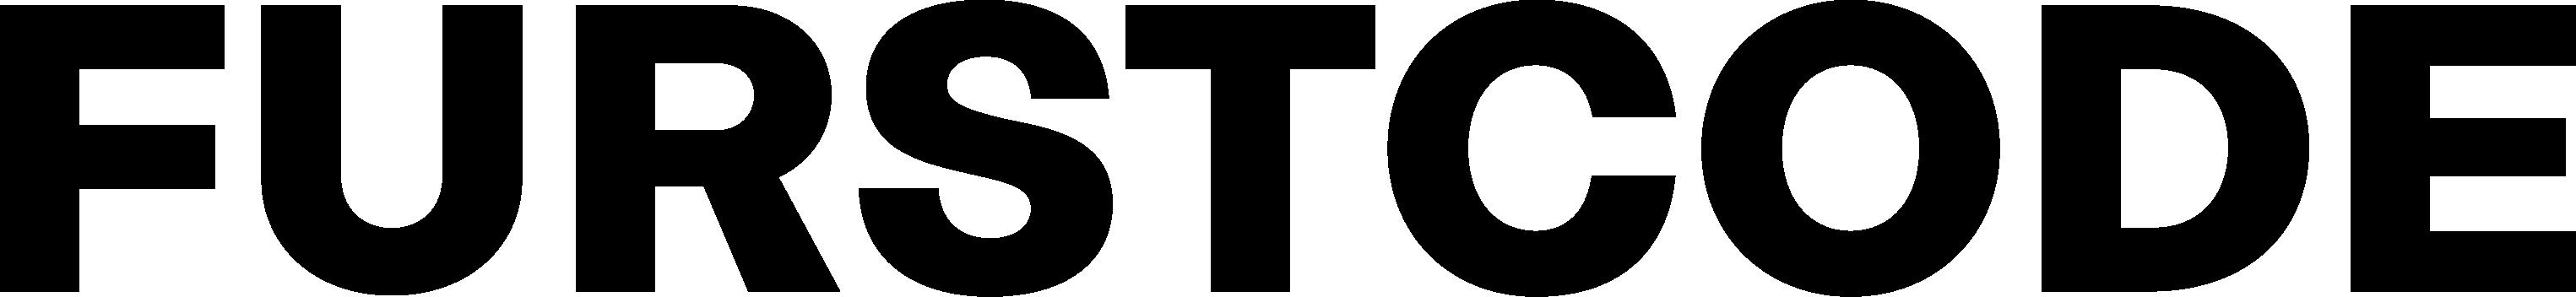 FurstCode